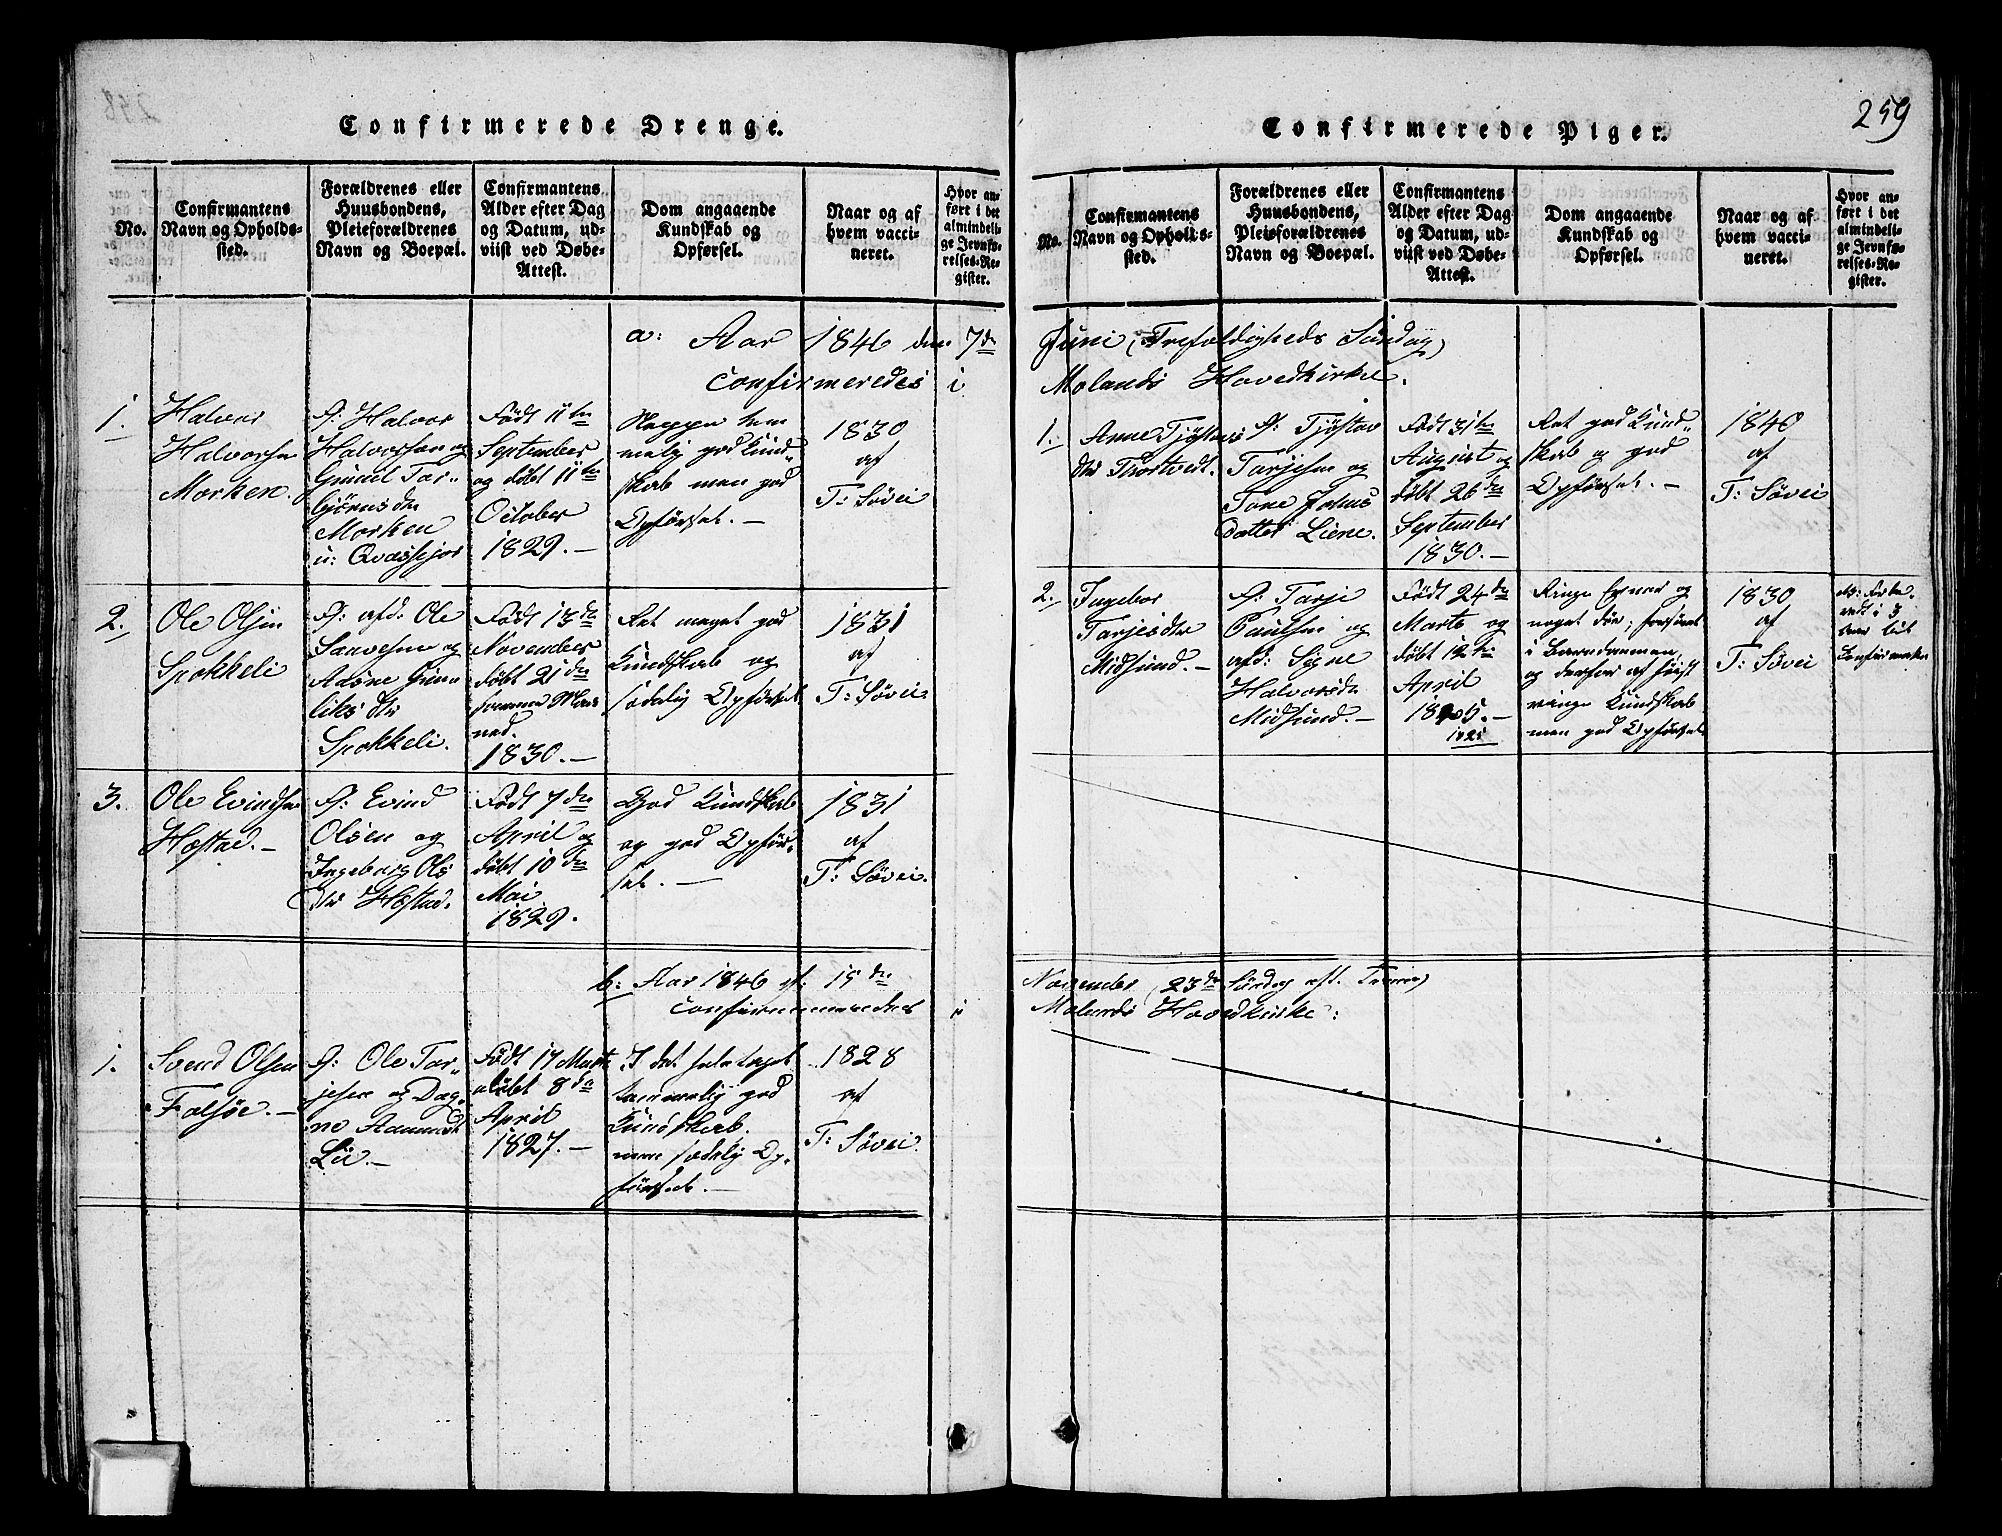 SAKO, Fyresdal kirkebøker, G/Ga/L0003: Klokkerbok nr. I 3, 1815-1863, s. 259